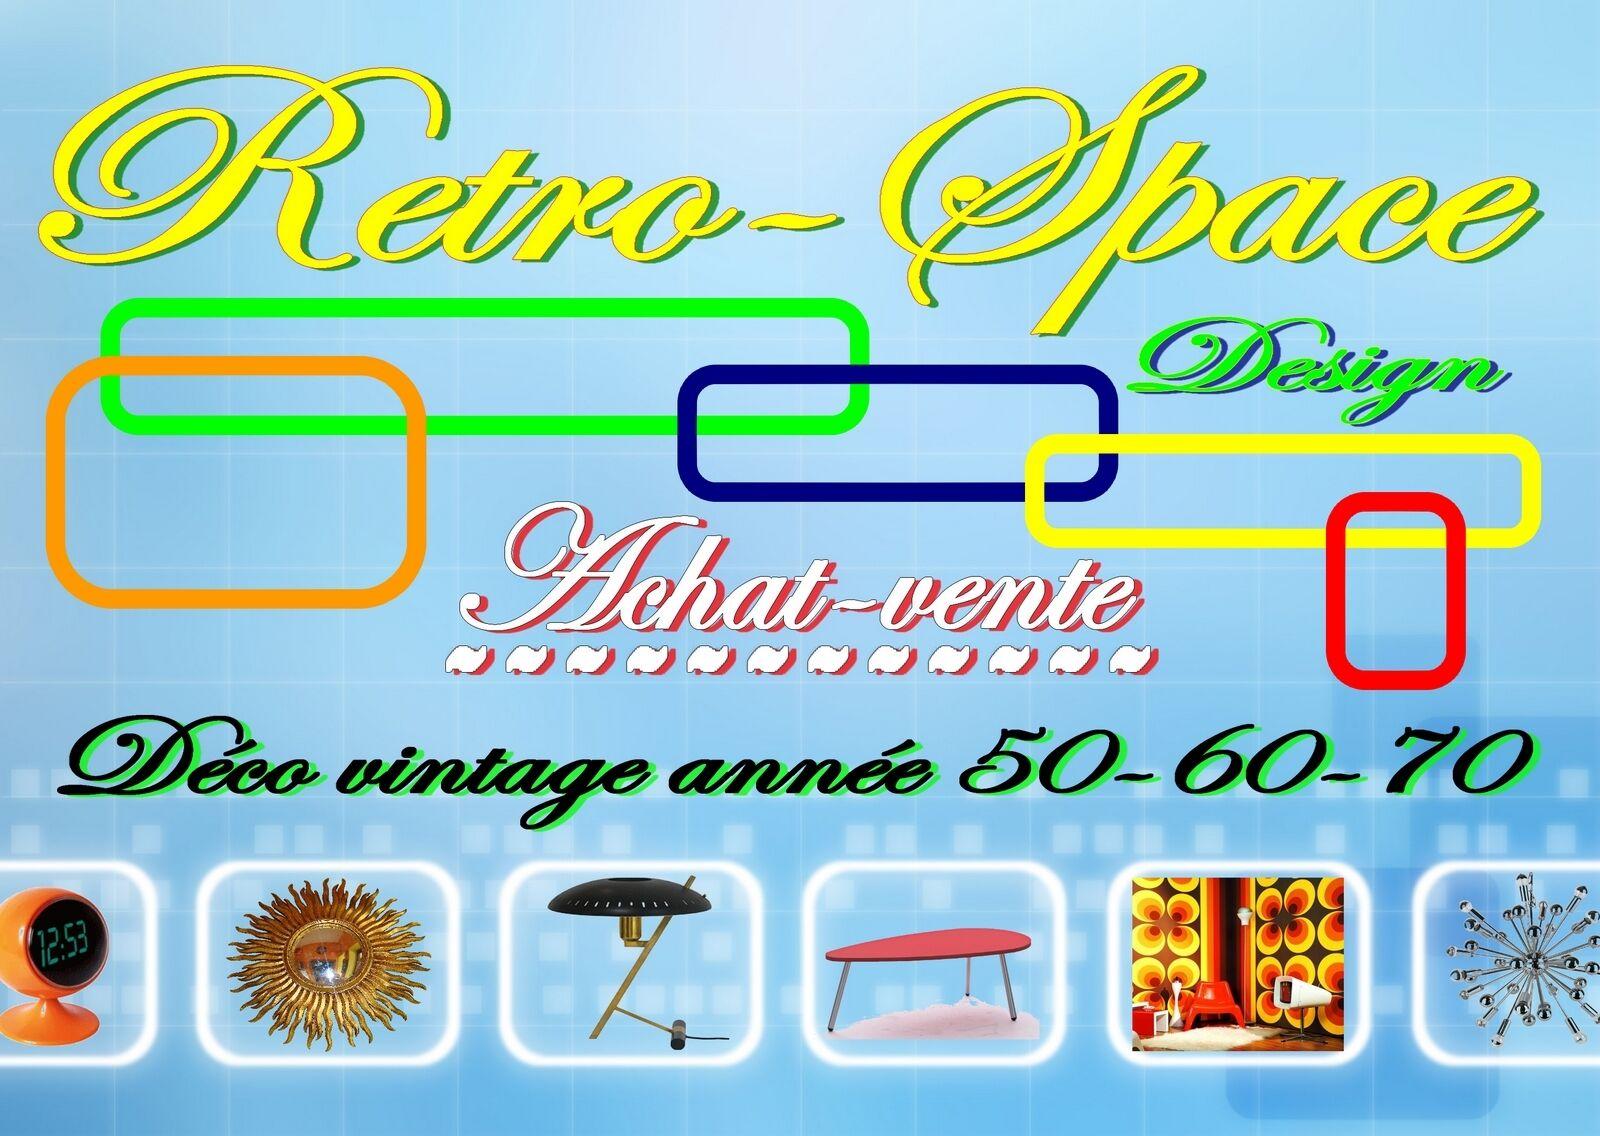 Retro-Space-Design